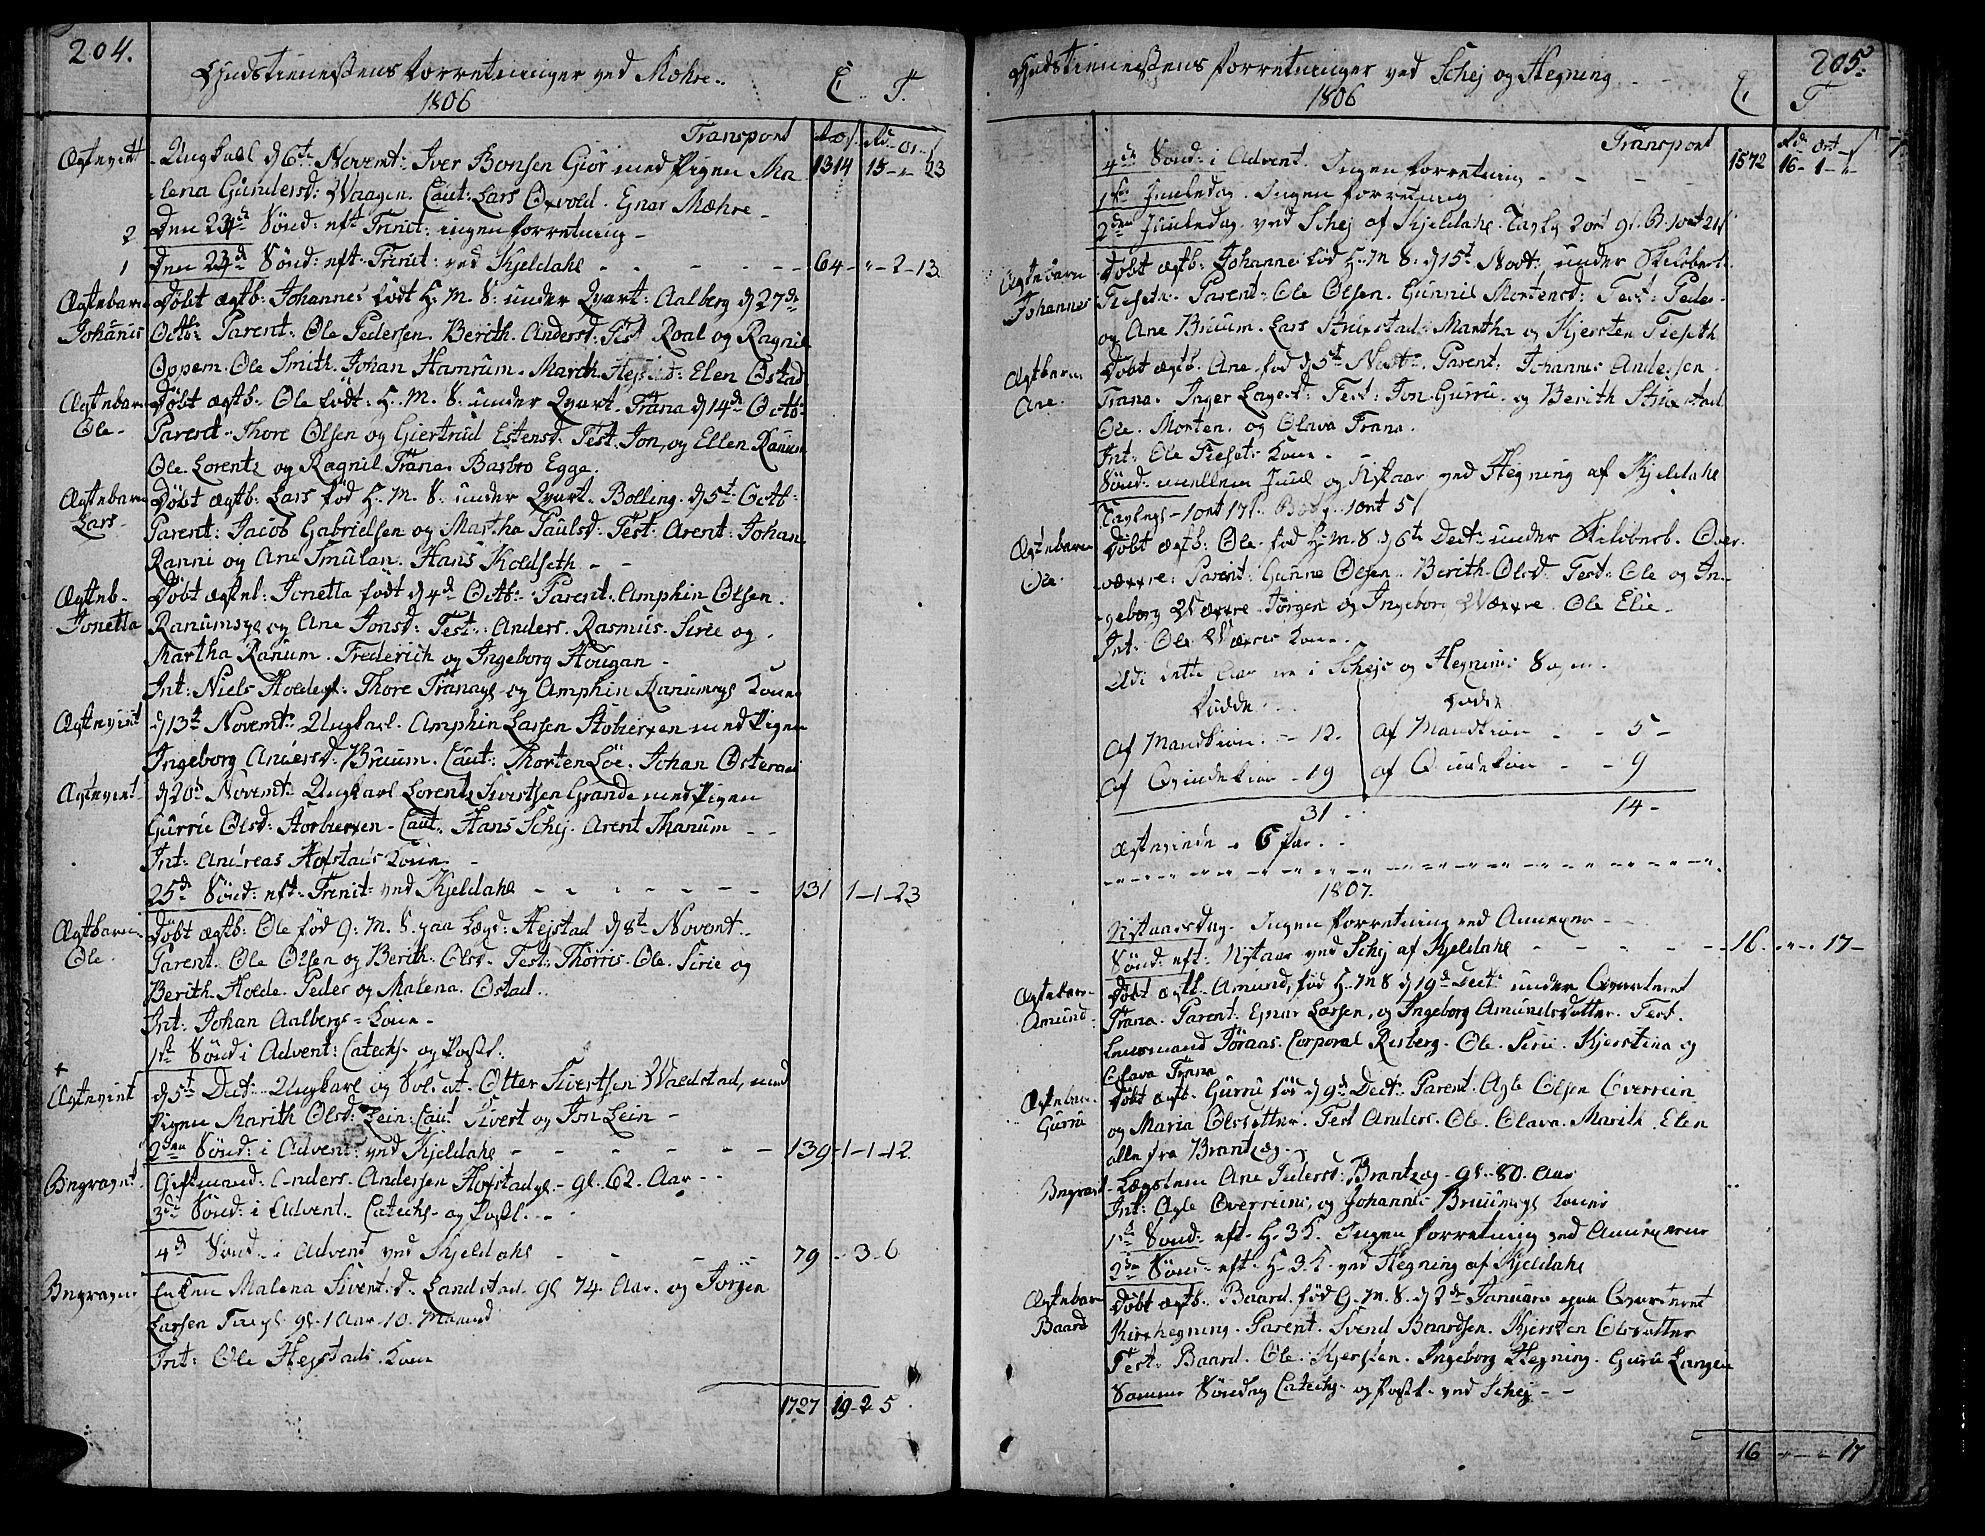 SAT, Ministerialprotokoller, klokkerbøker og fødselsregistre - Nord-Trøndelag, 735/L0332: Ministerialbok nr. 735A03, 1795-1816, s. 204-205